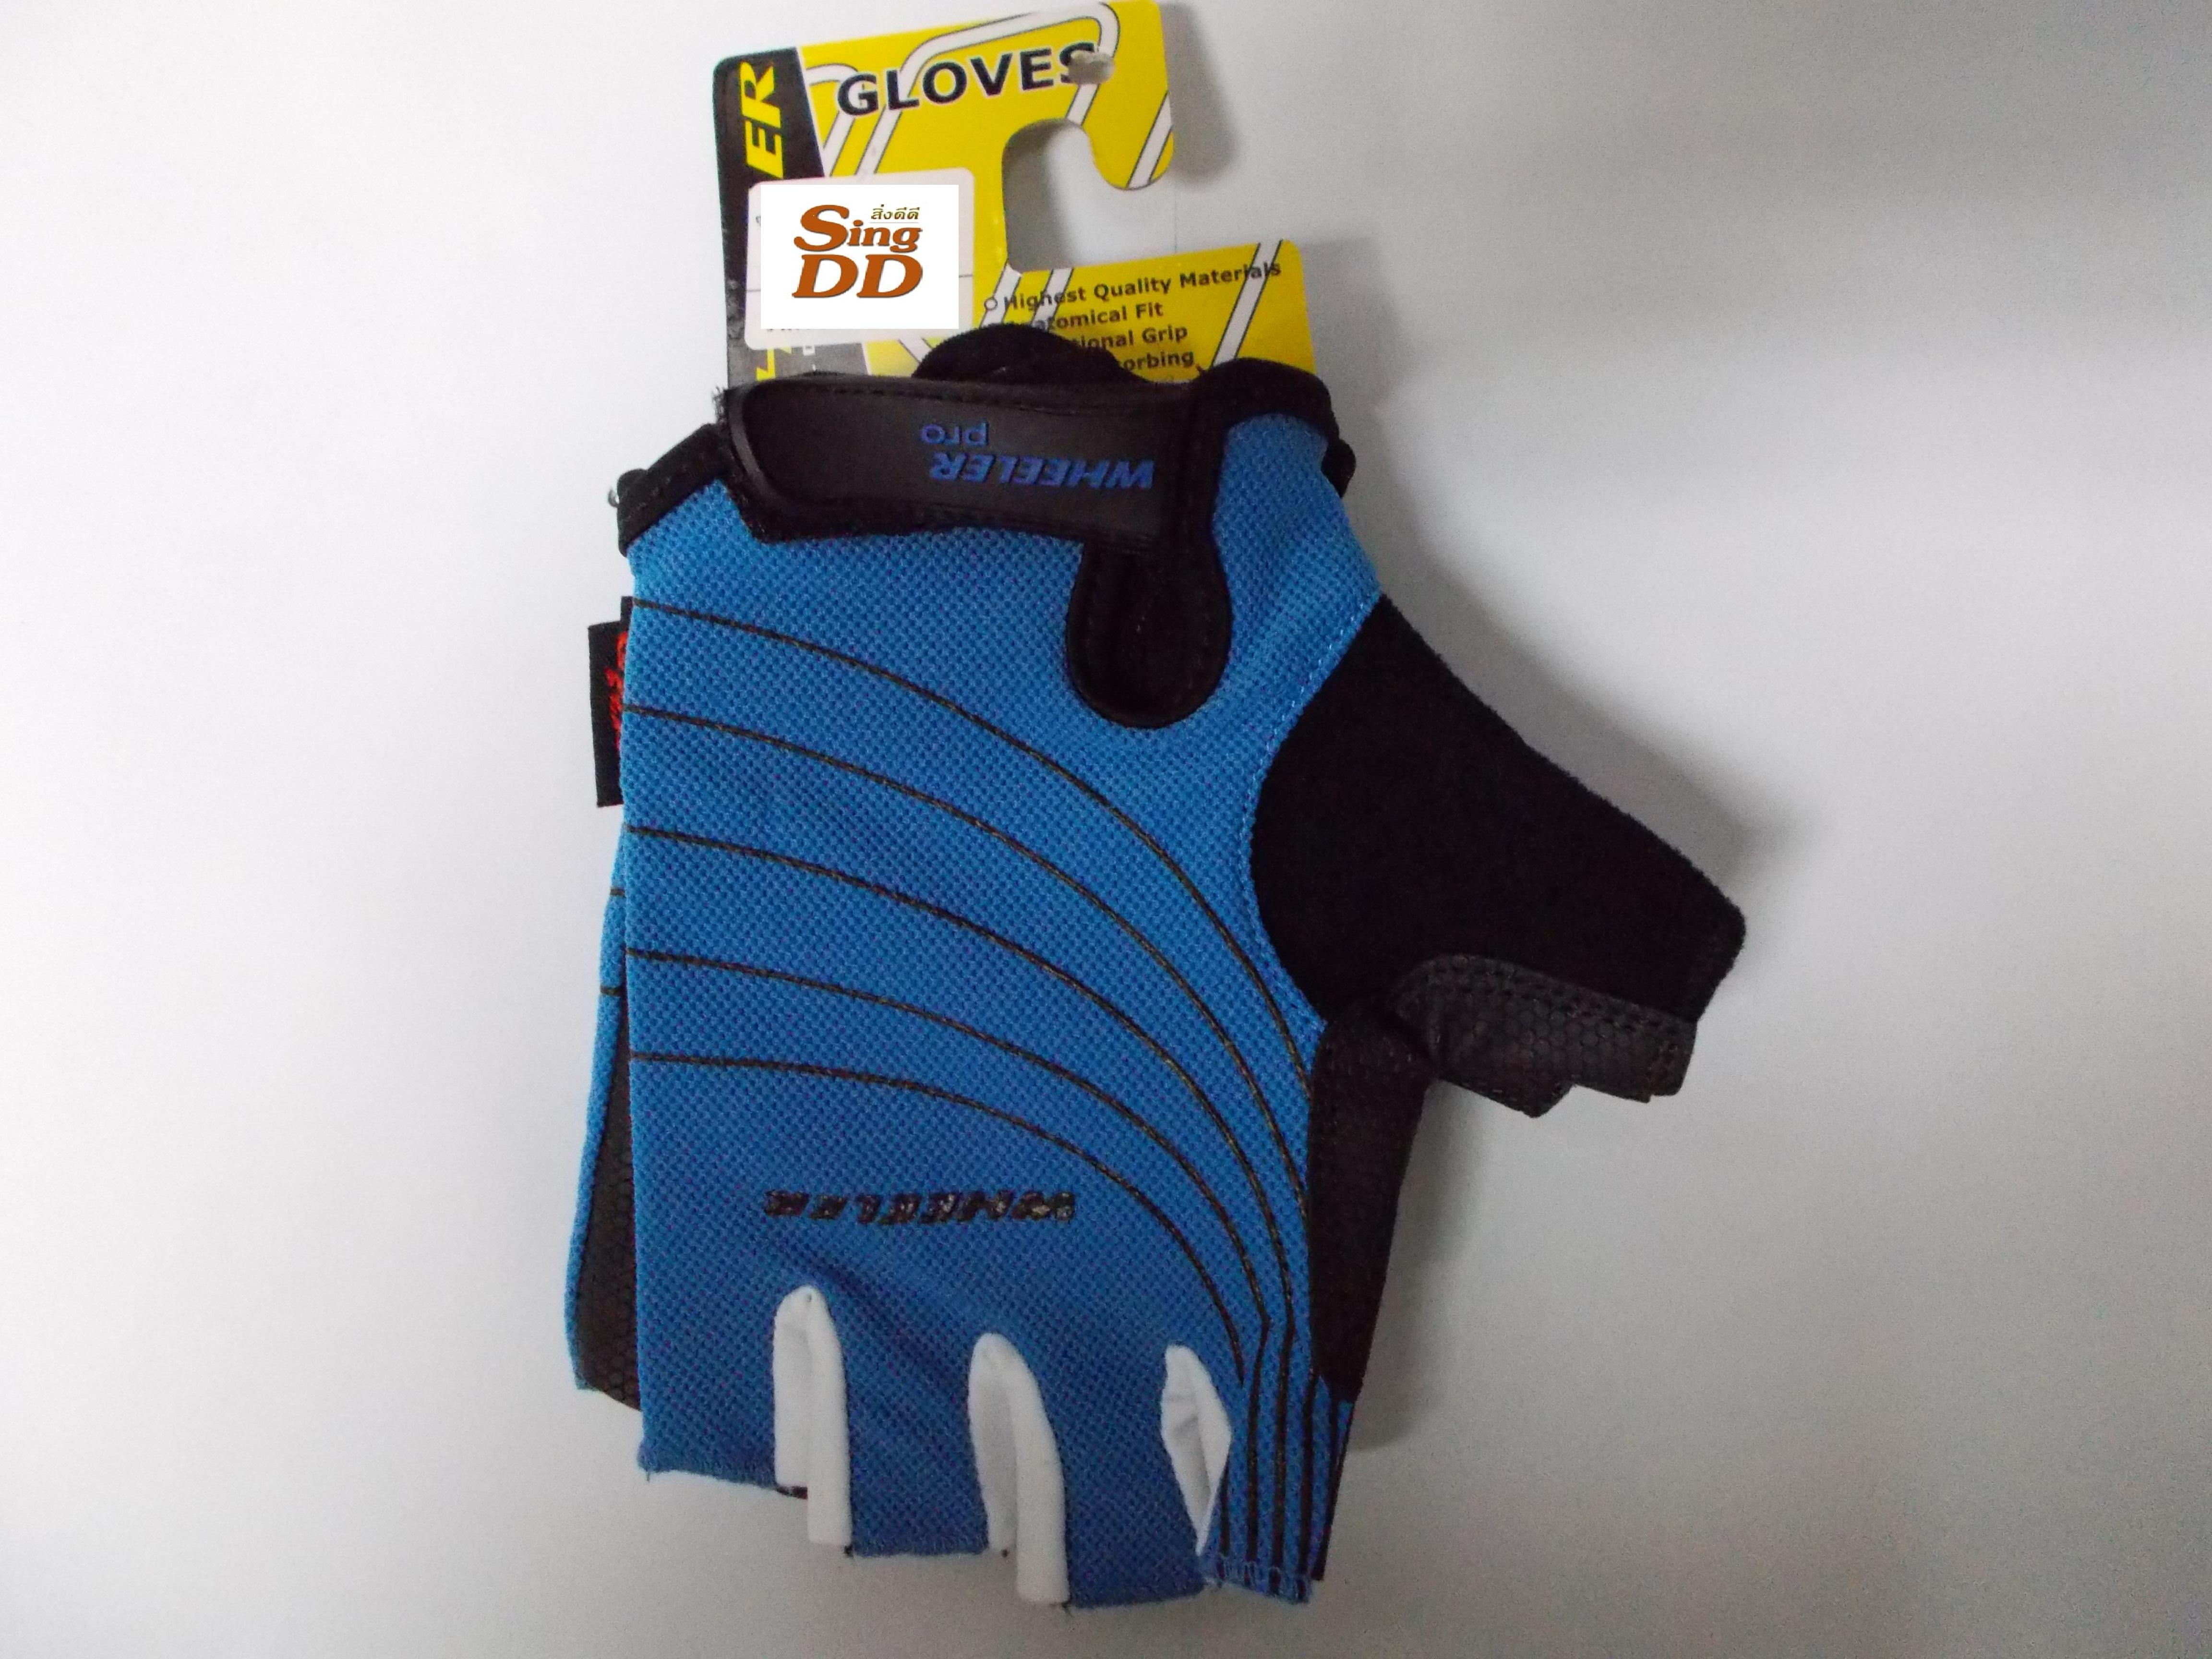 ถุงมือเจล WHEELER คละไซด์ คุณภาพดี สีฟ้า